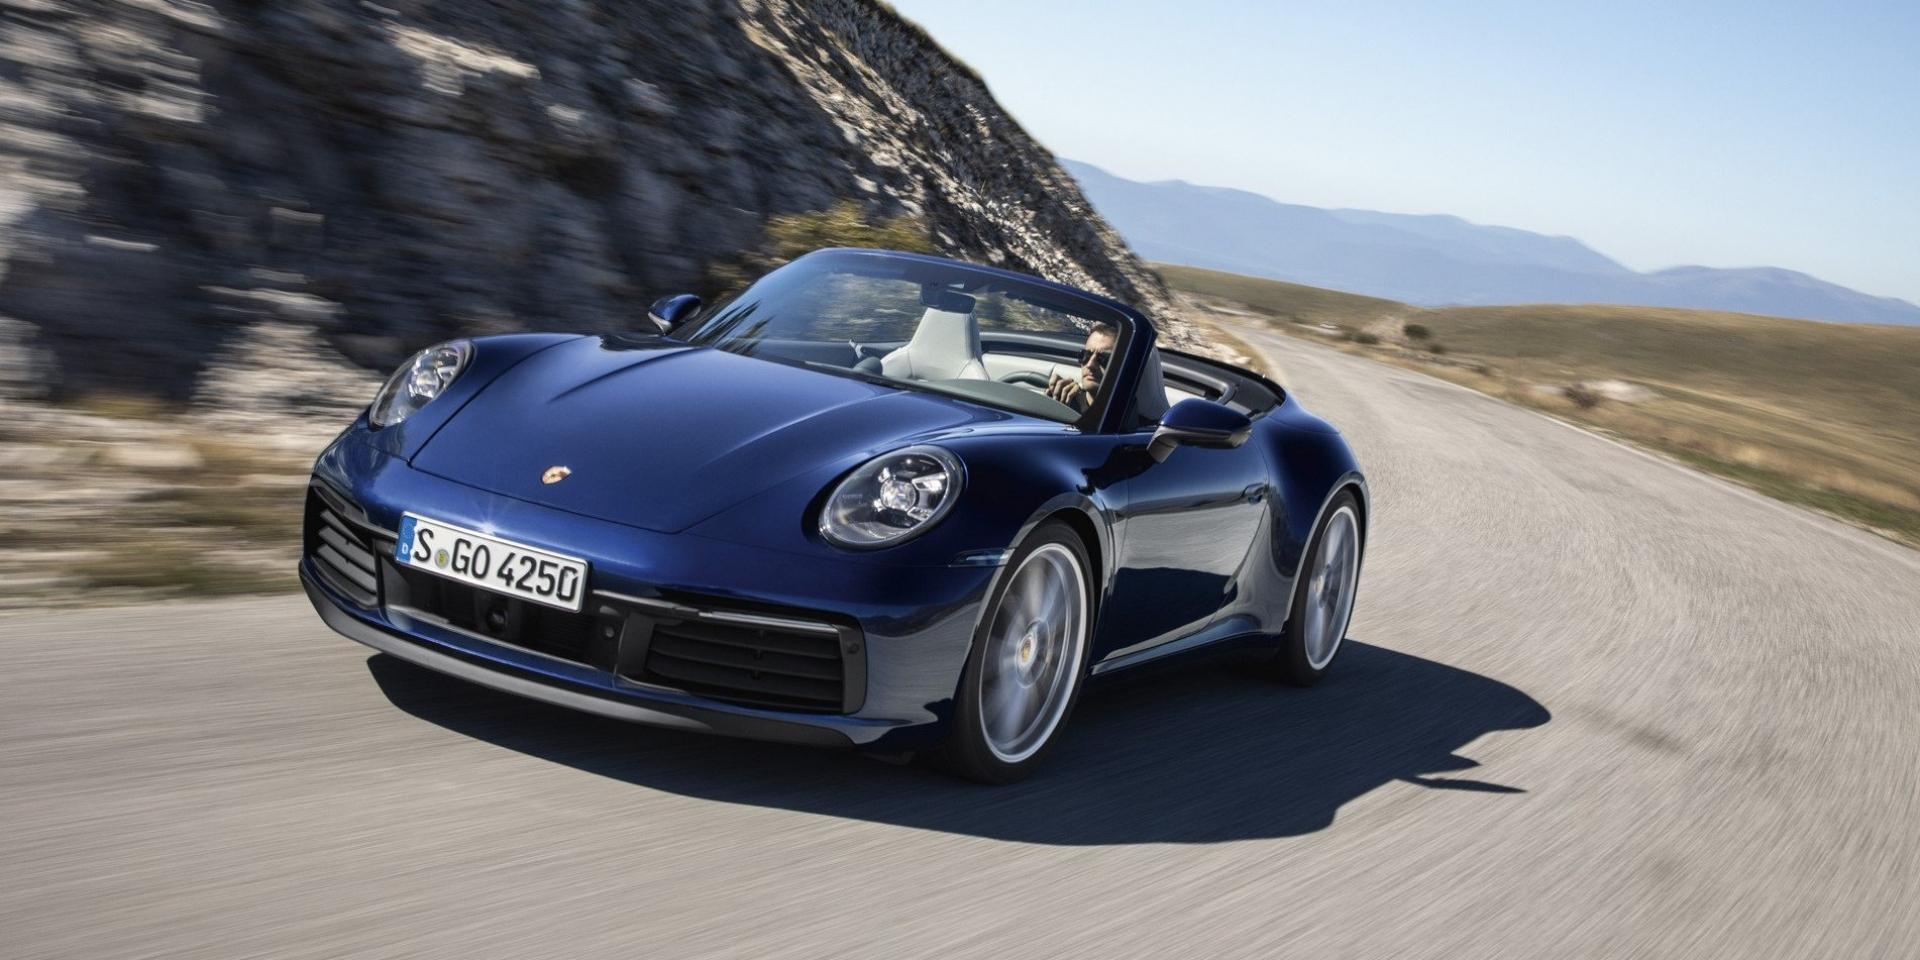 12秒享受陽光,Porsche 911 Cabriolet率性登場!